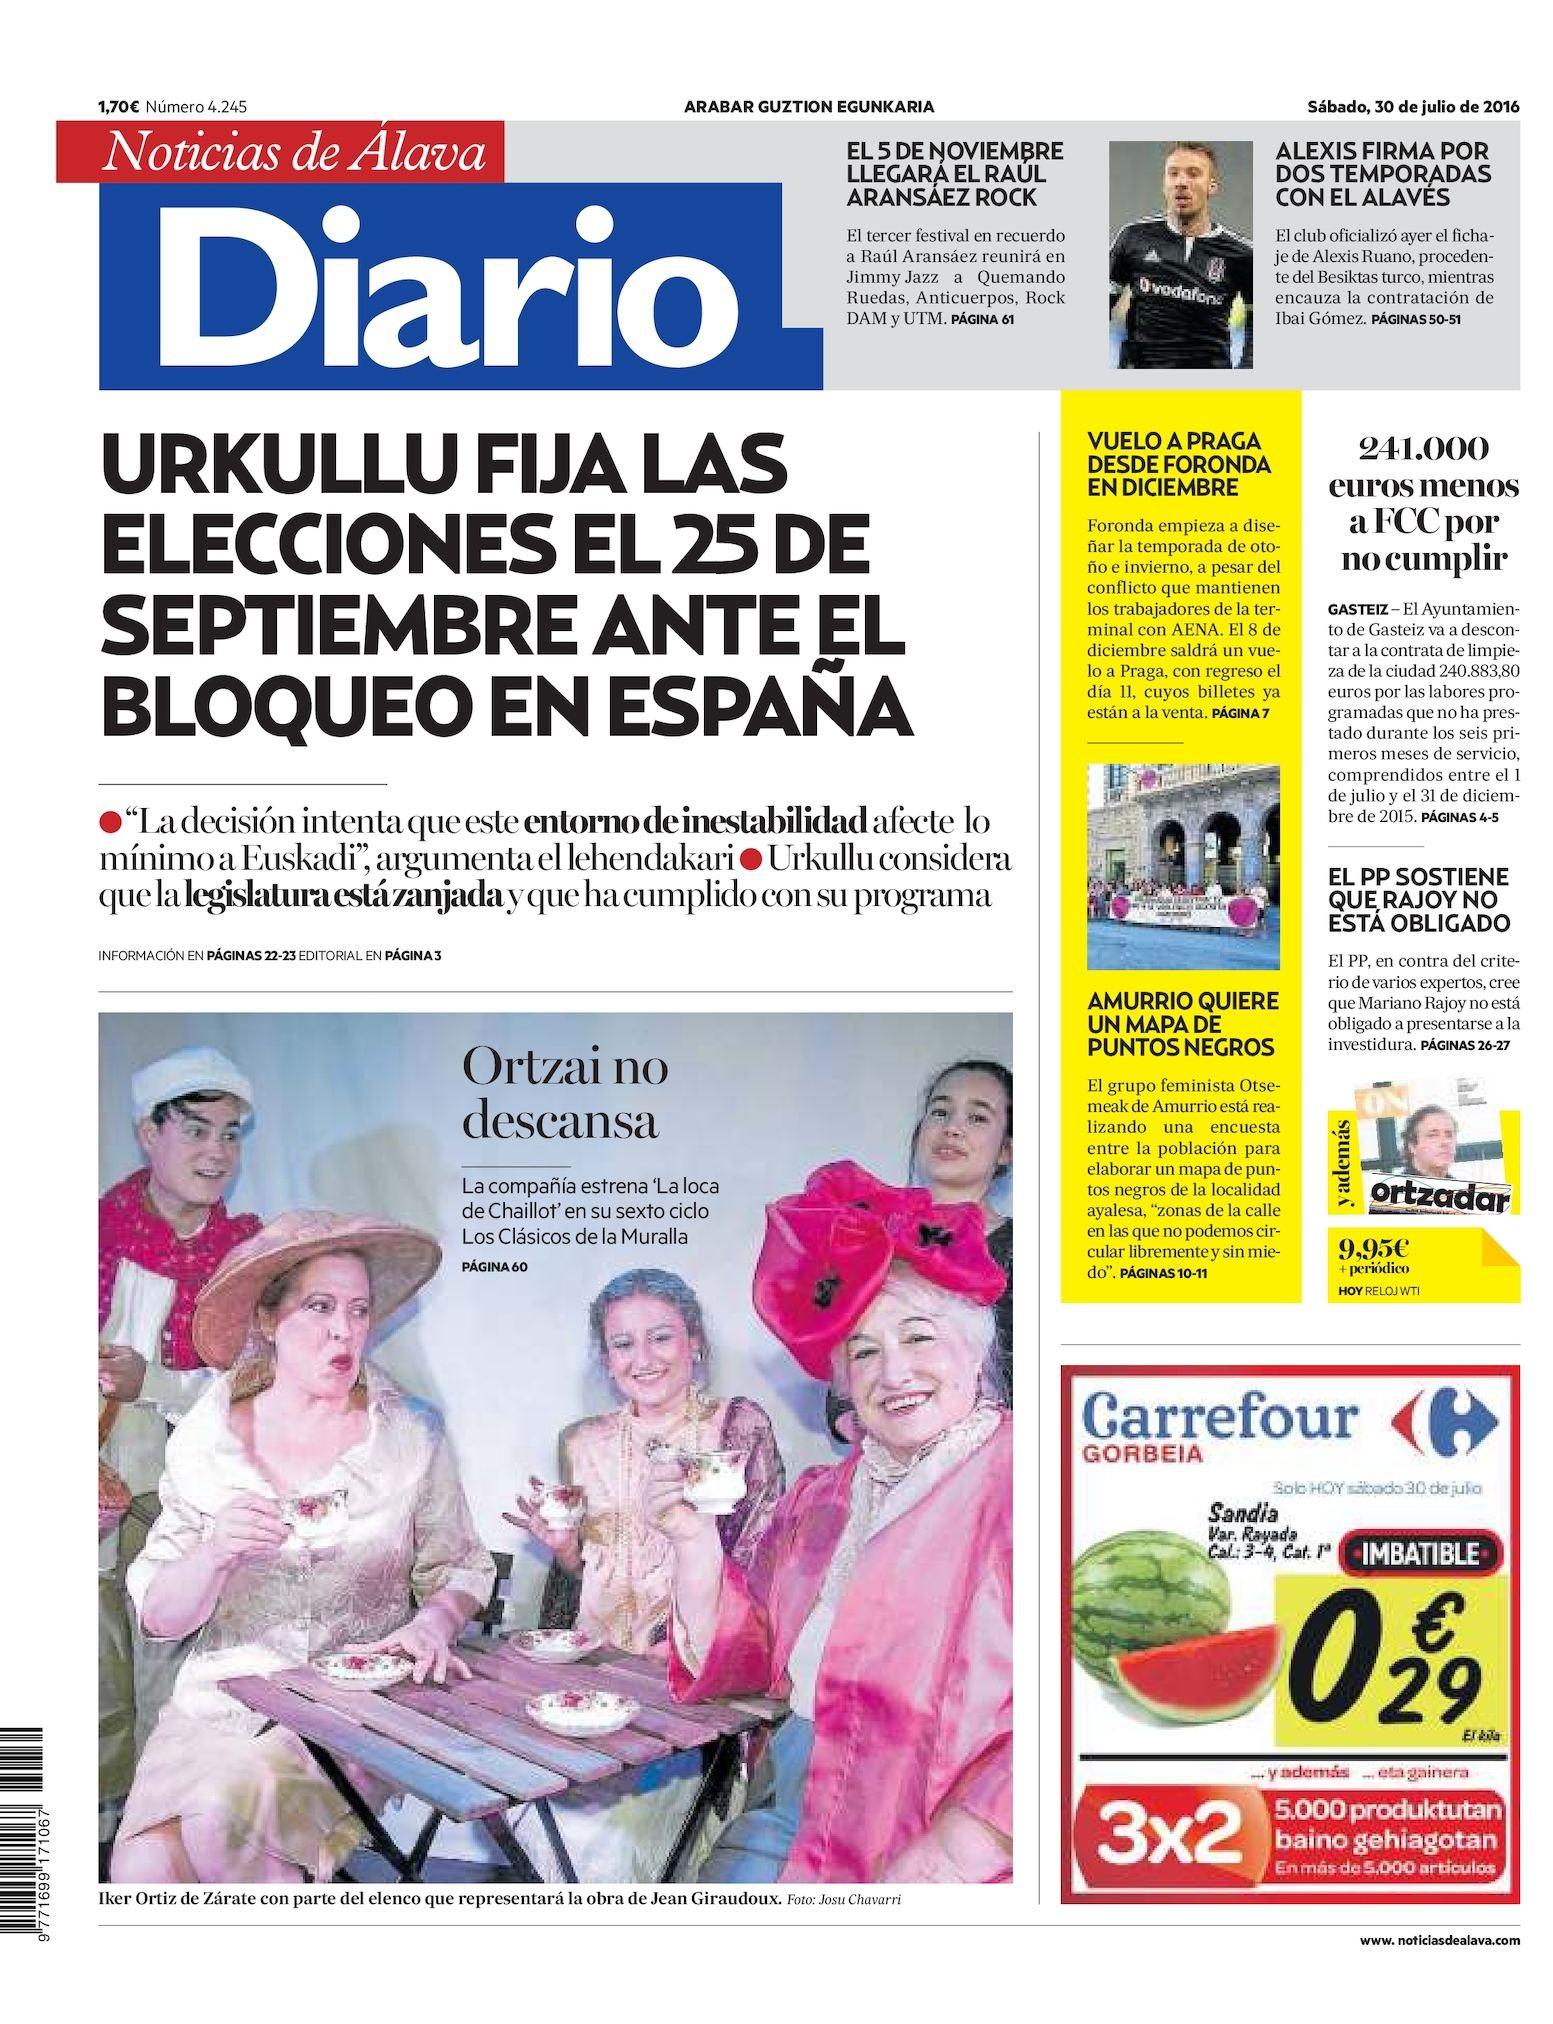 Calendario Escolar 2019 Melilla Recientes Calaméo Diario De Noticias De lava Of Calendario Escolar 2019 Melilla Más Caliente Calaméo Gara